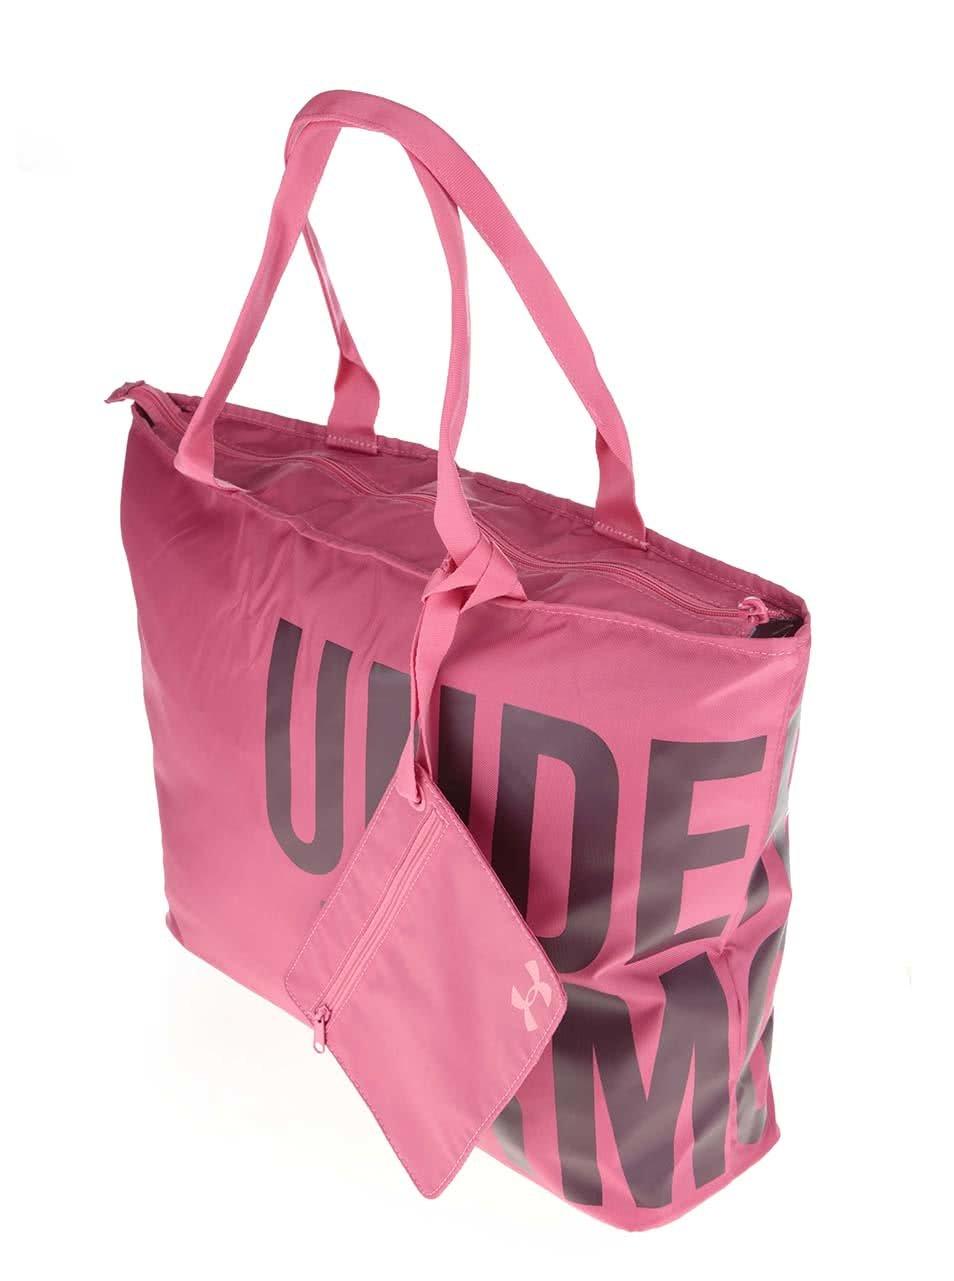 Ružová dámska športová taška Under Armour Big World ... 32cb0e2d60d